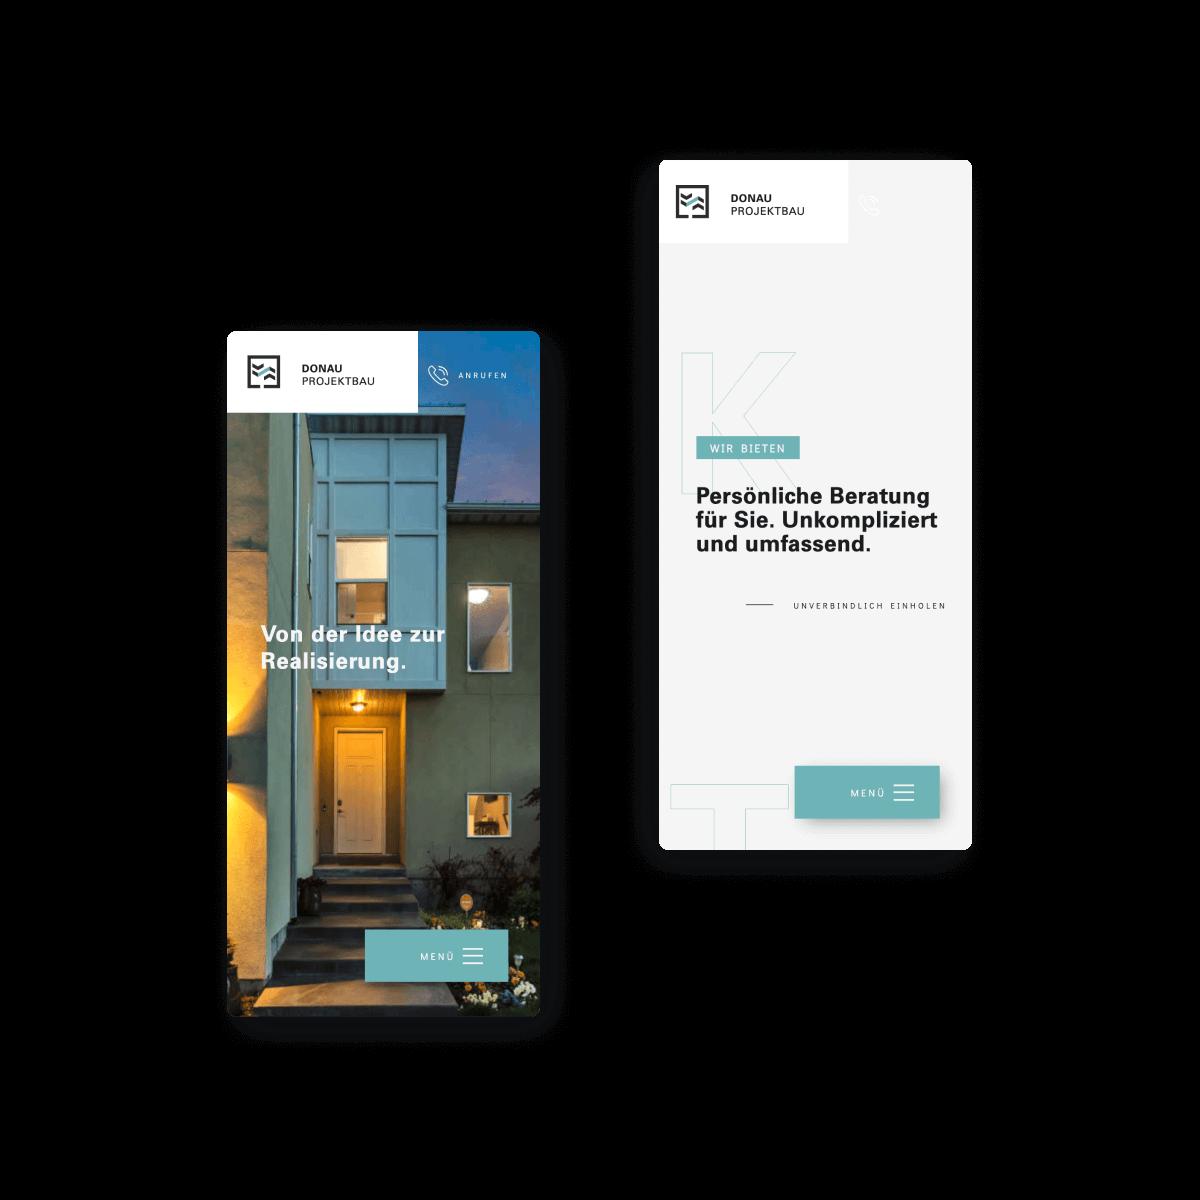 Bild der mobilen Website von Donau Projektbau - erstellt von Hofling Studio